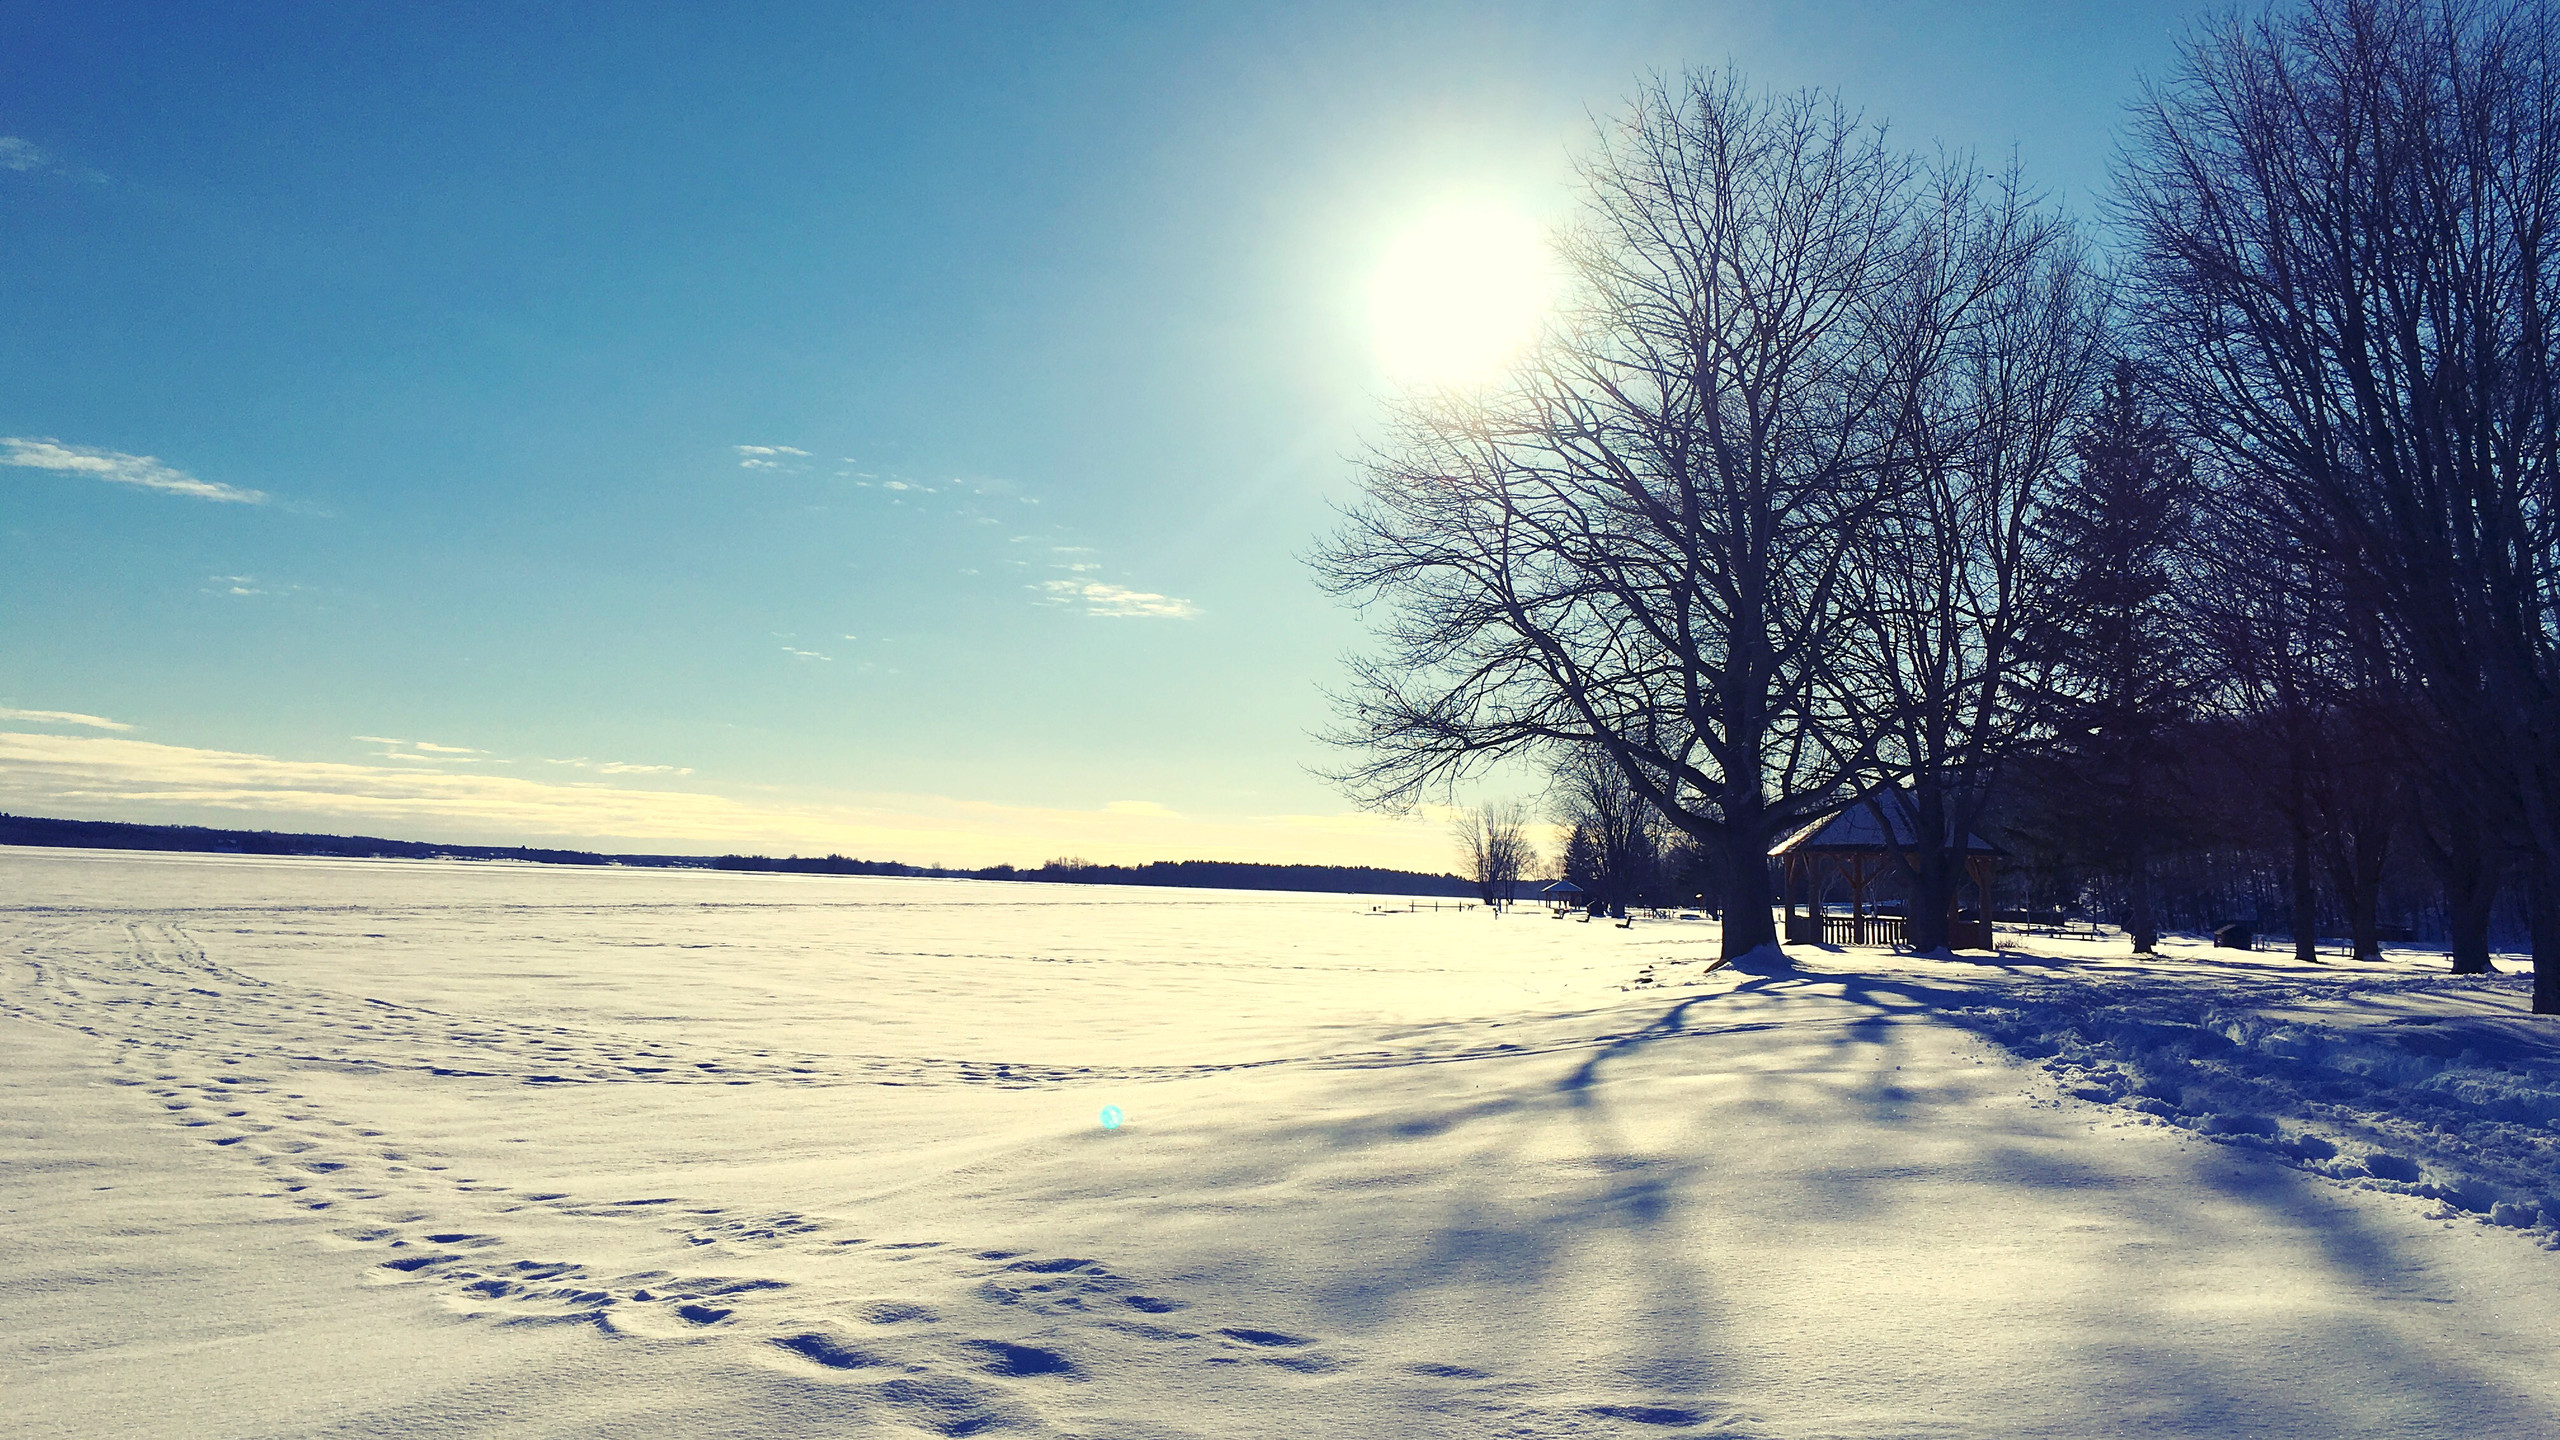 The frozen Ottawa River